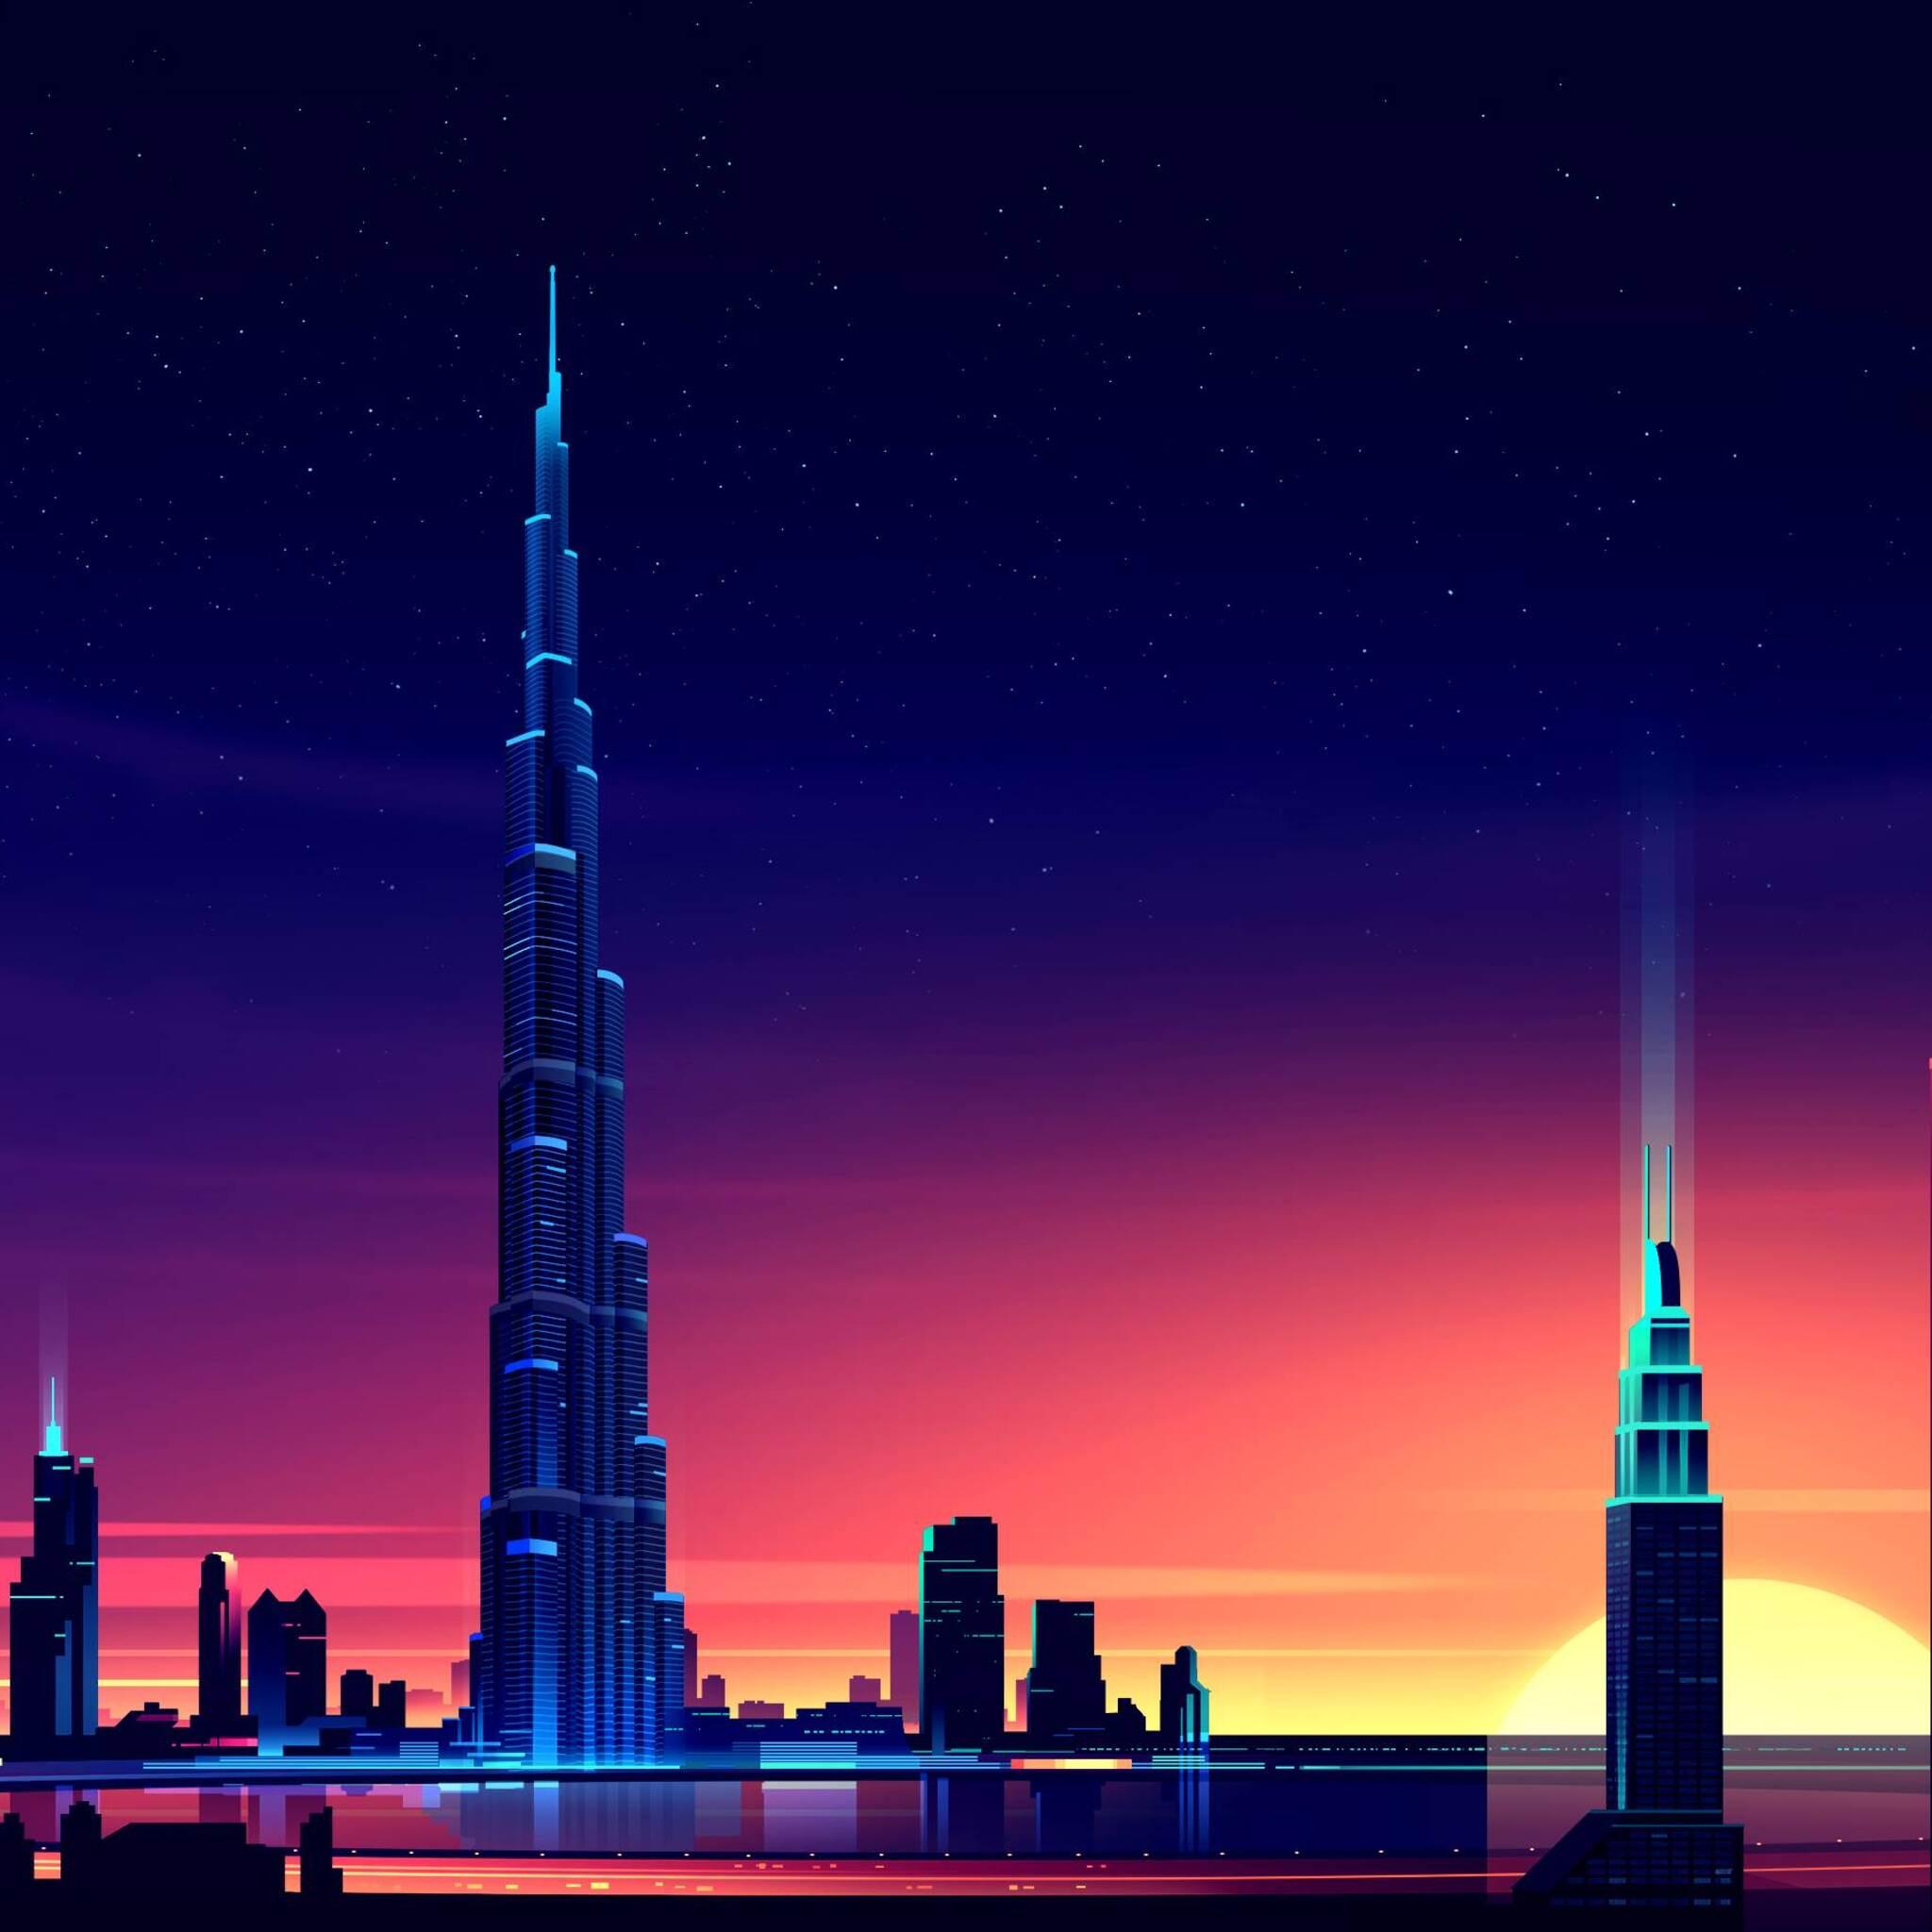 2048x2048 dubai burj khalifa minimalist ipad air hd 4k - Dubai burj khalifa hd wallpaper ...